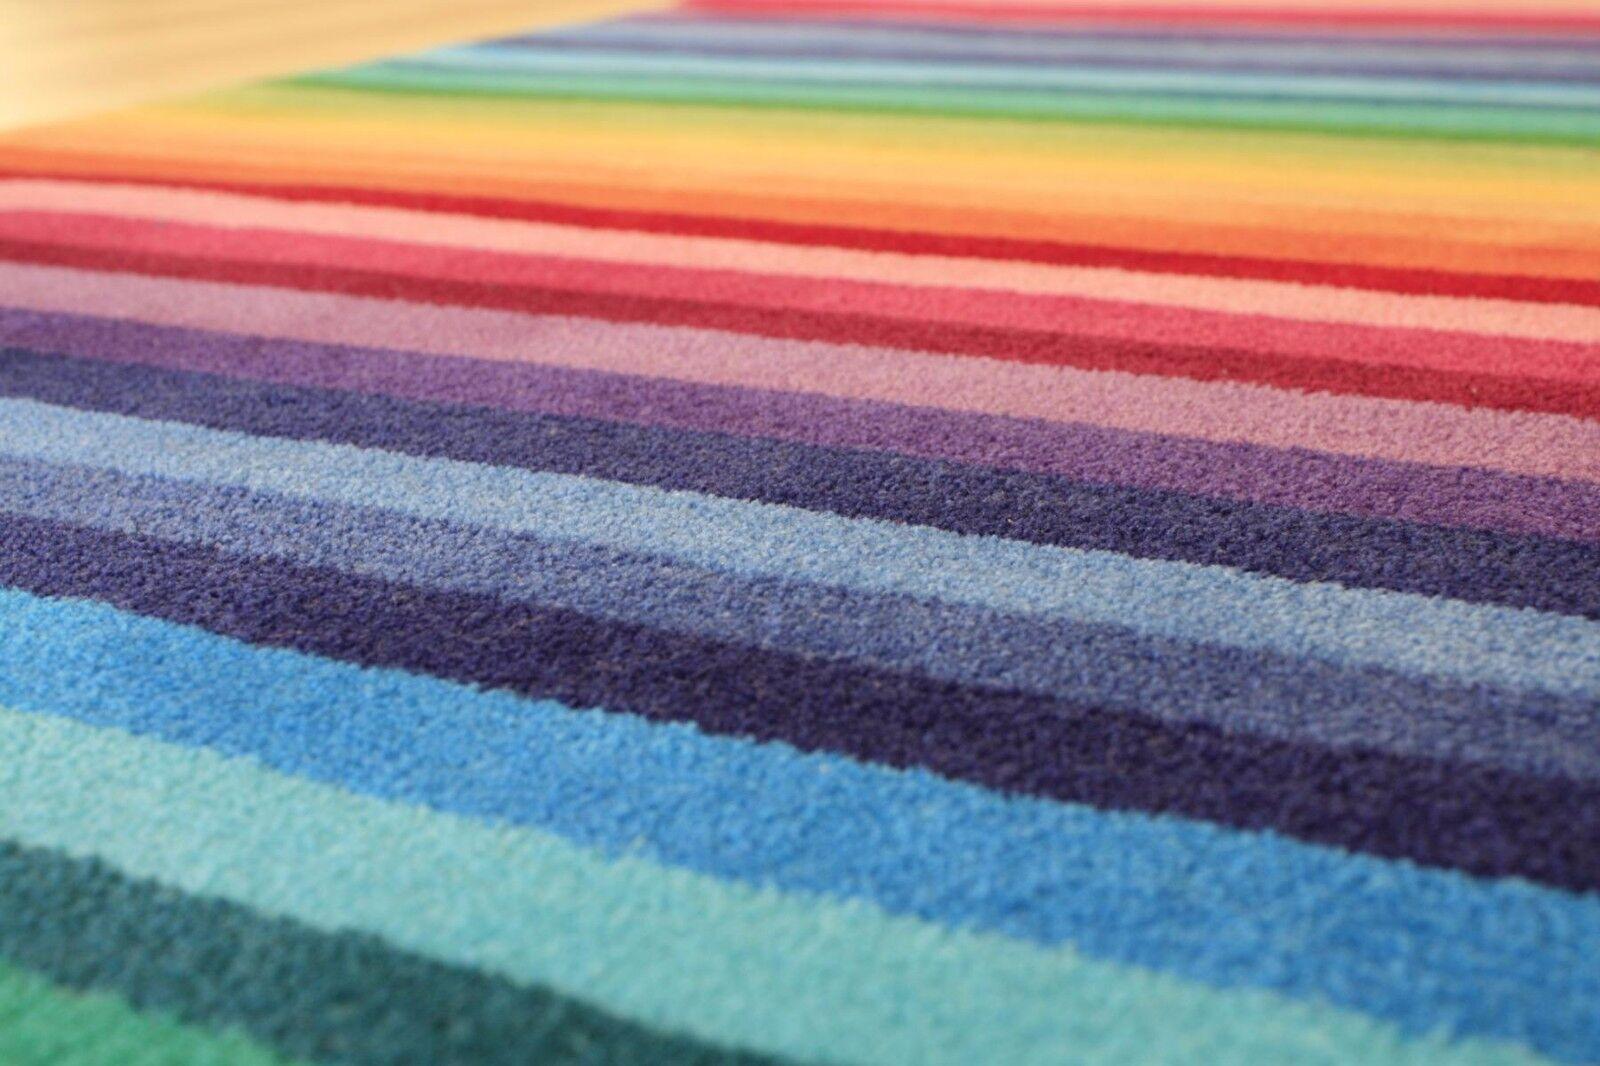 Spielteppich Handtuft Teppich Streifen 80x150 cm cm cm 3782-01 Stripes   Up-to-date Styling  a5de2c